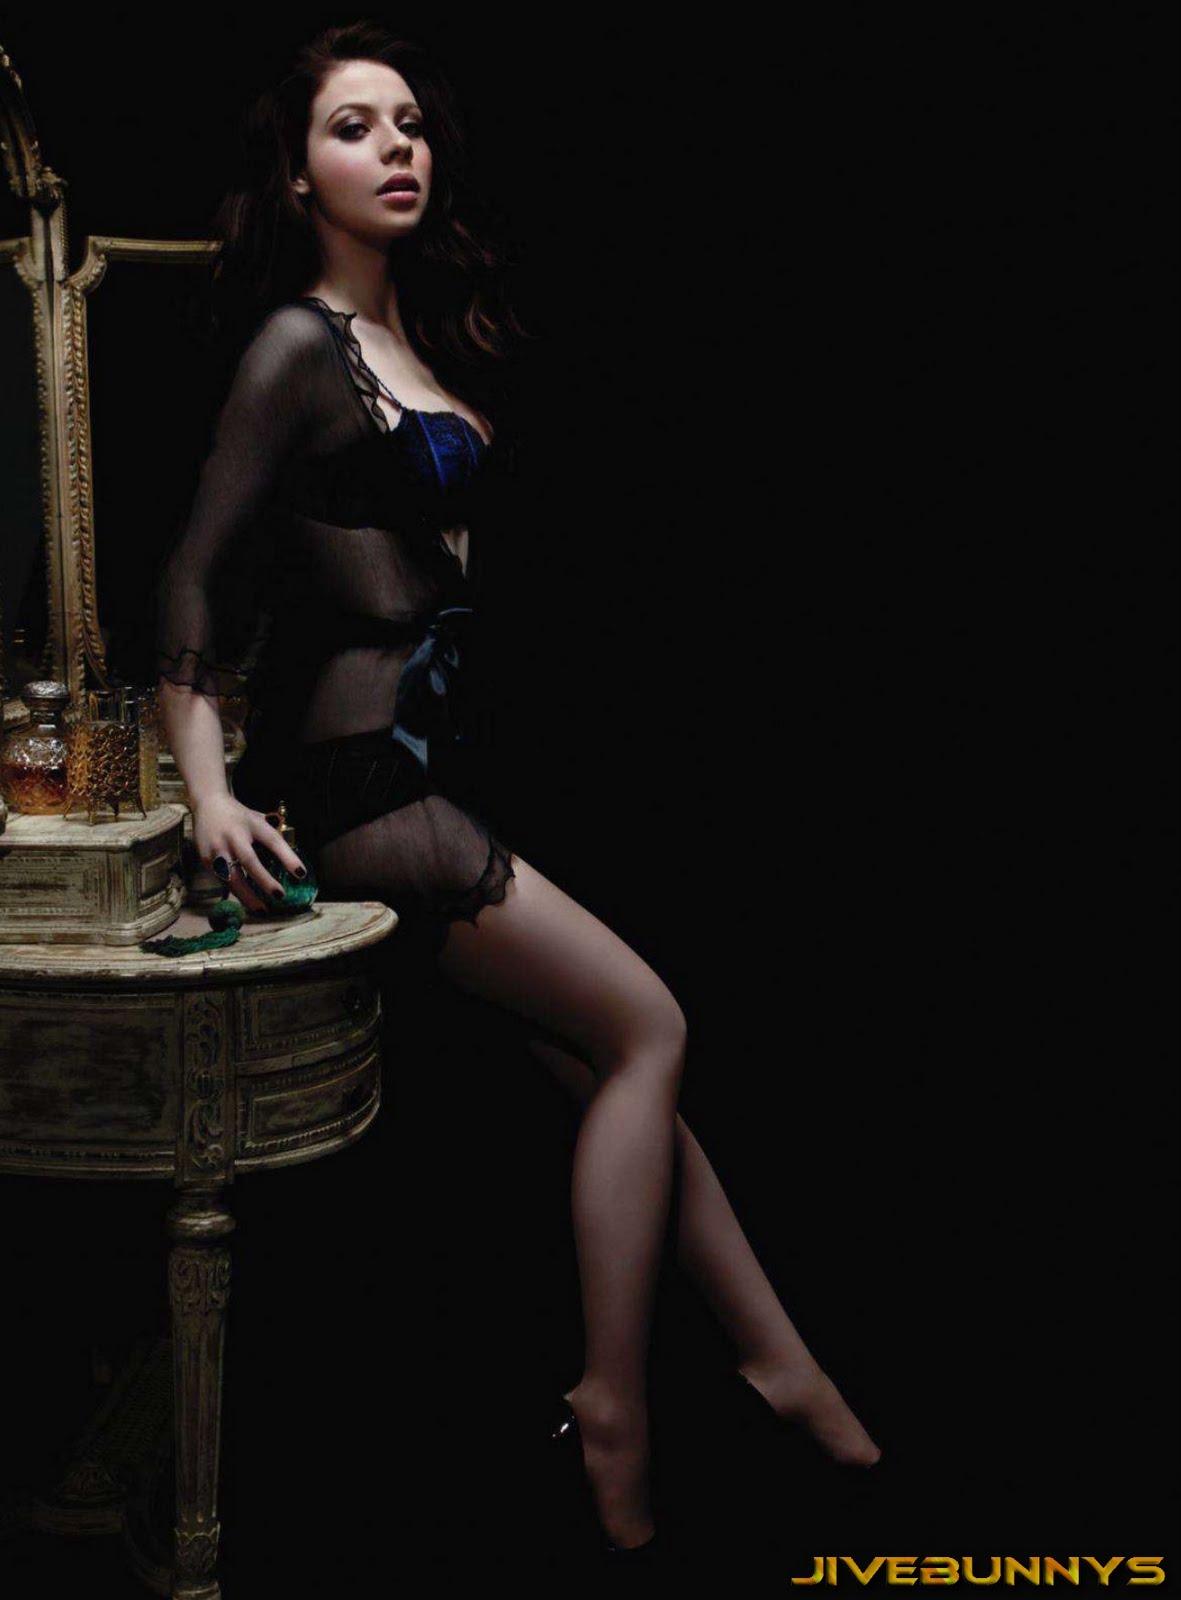 http://4.bp.blogspot.com/-XCRNJ0RfFaI/Tab1gC_4TiI/AAAAAAAACII/j0bpg64t_og/s1600/Michelle-Trachtenberg-Maxim-107014.jpg